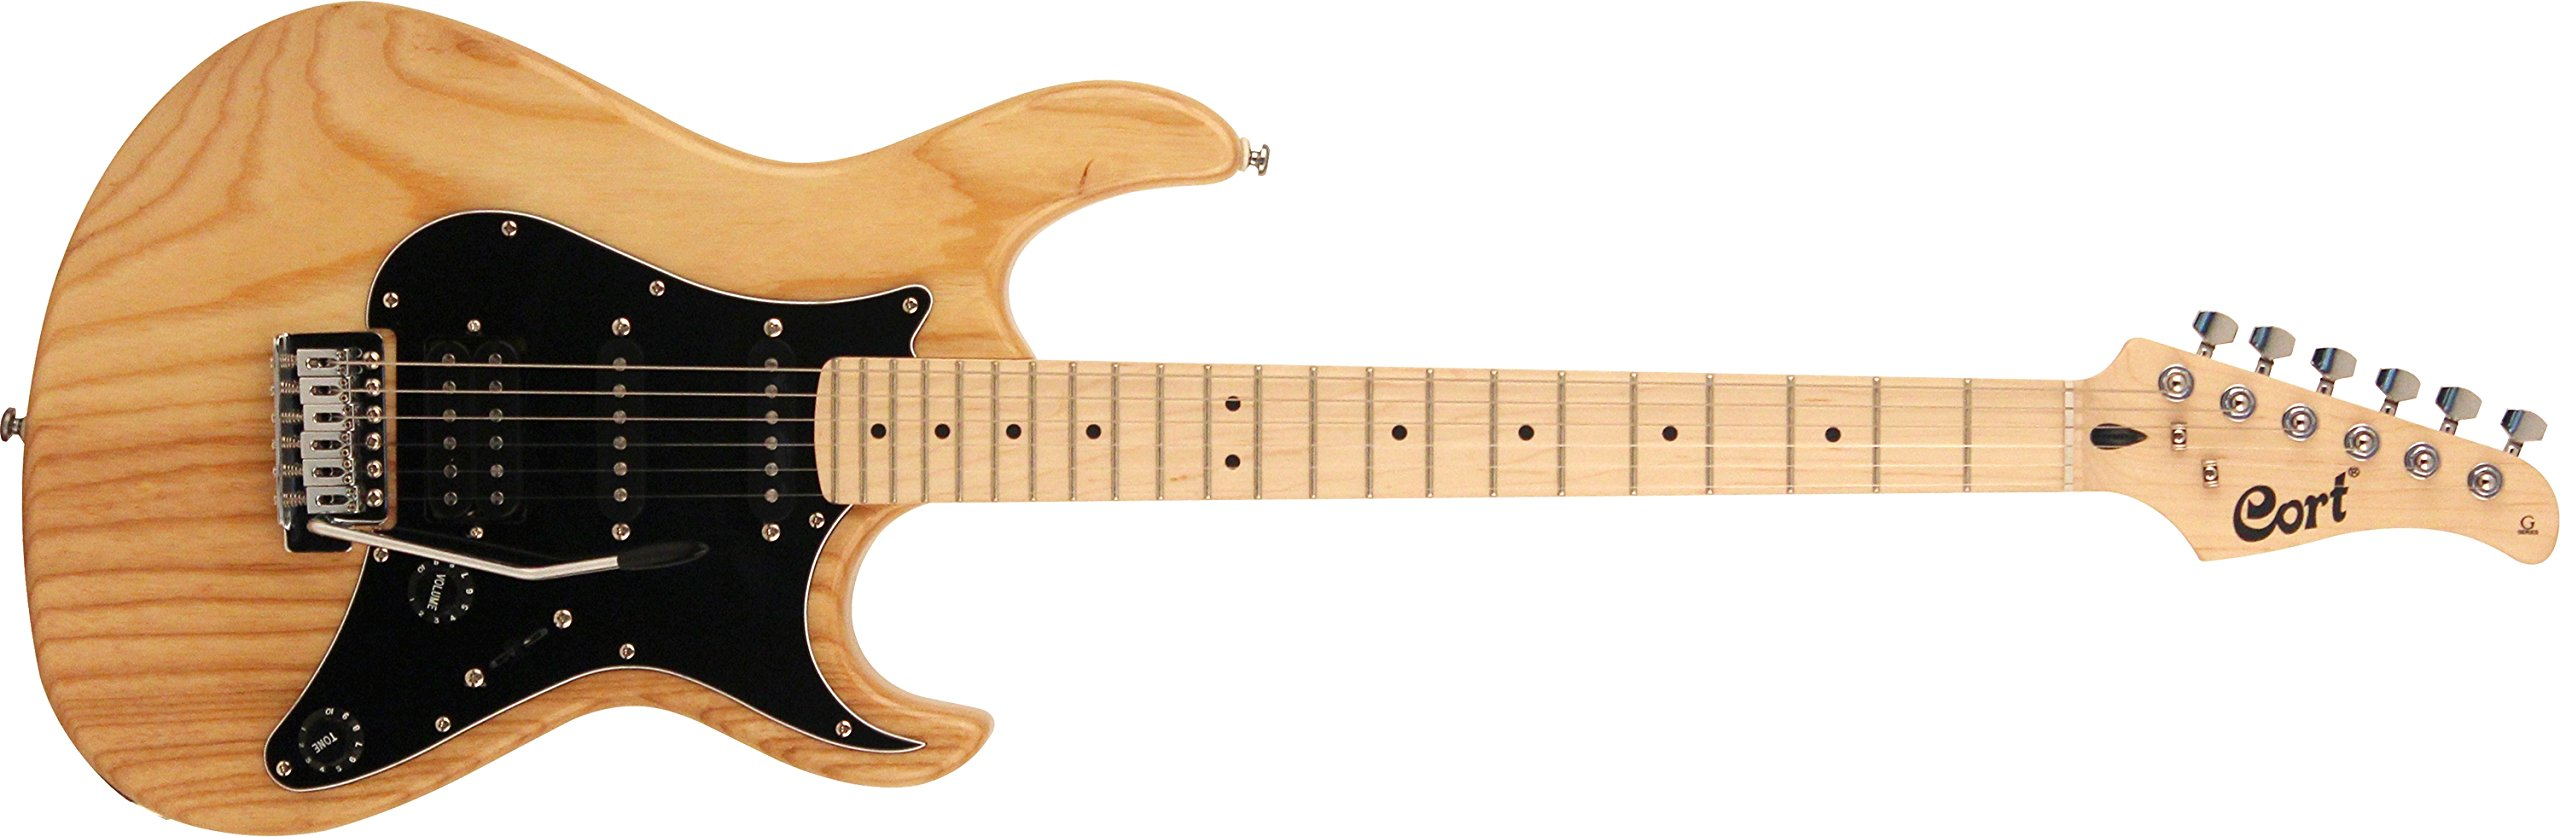 CORT B-001-0801-0 Guitarra: Amazon.es: Instrumentos musicales